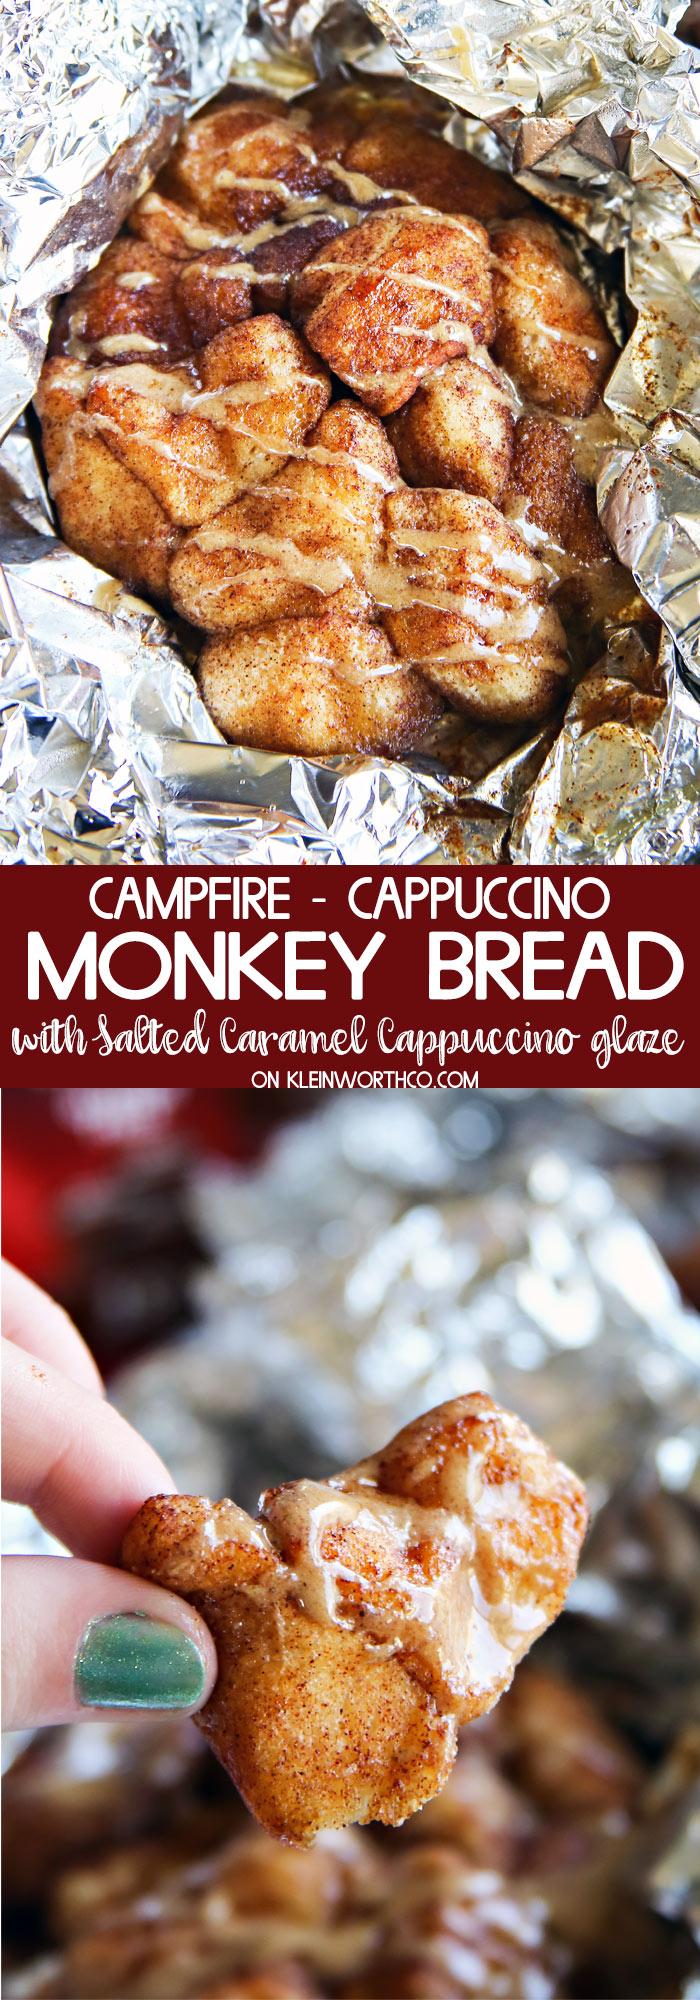 Cappuccino Monkey Bread